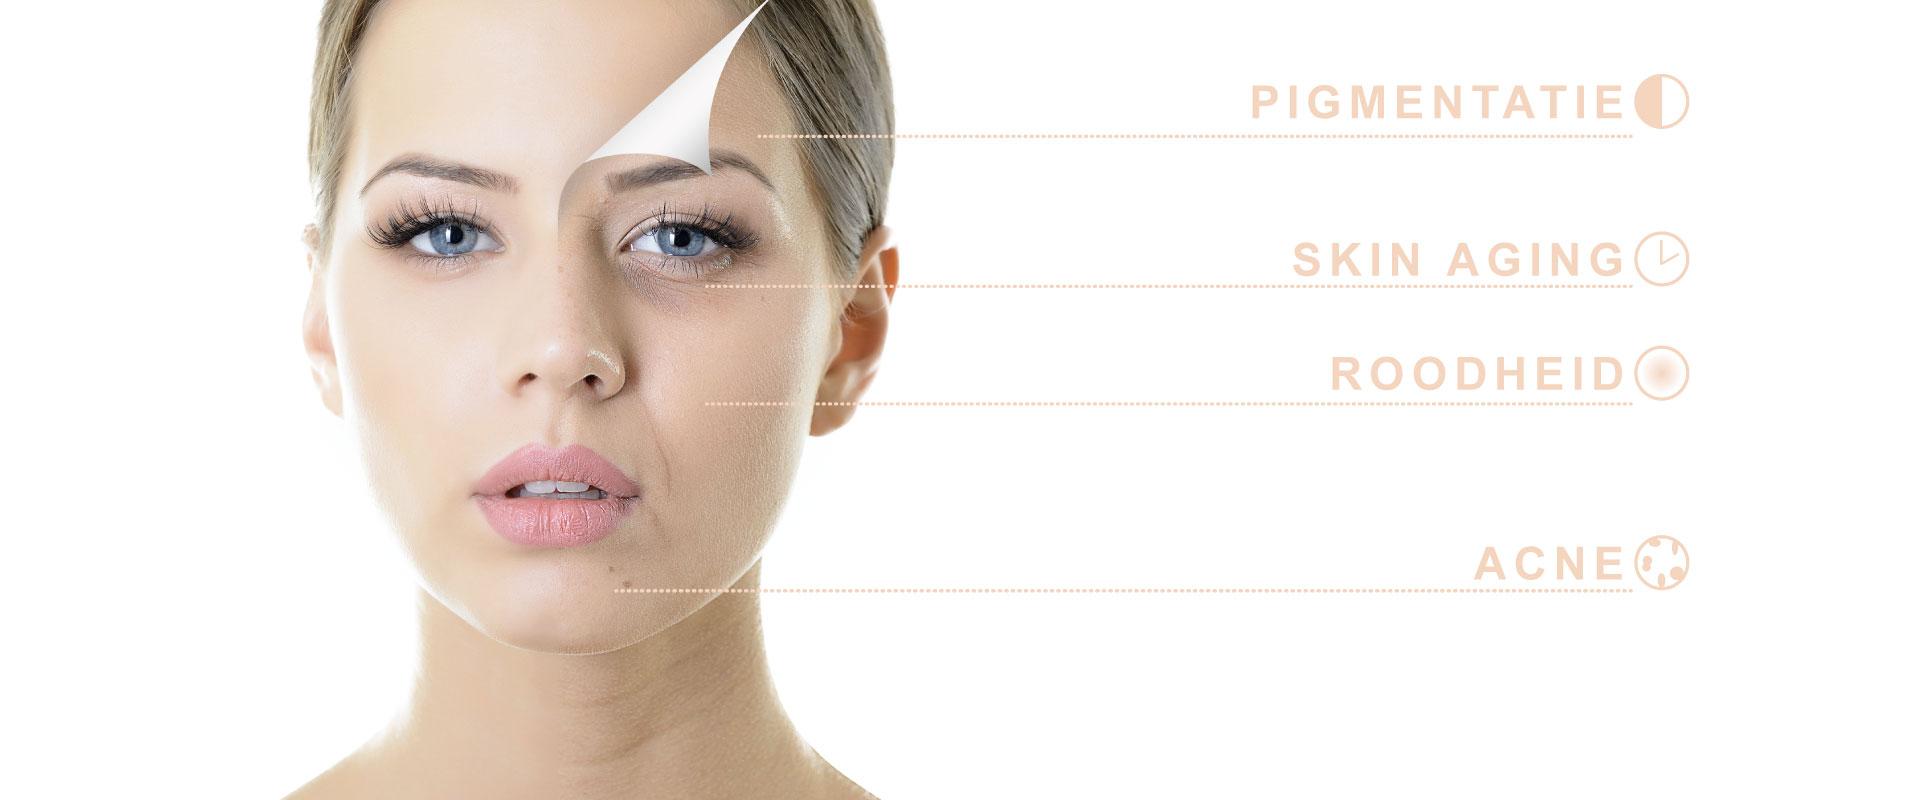 skincare isabelle-huidverbetering-huidverjonging-acne-antiageing-roodheid-pigmentatie-tessenderlo